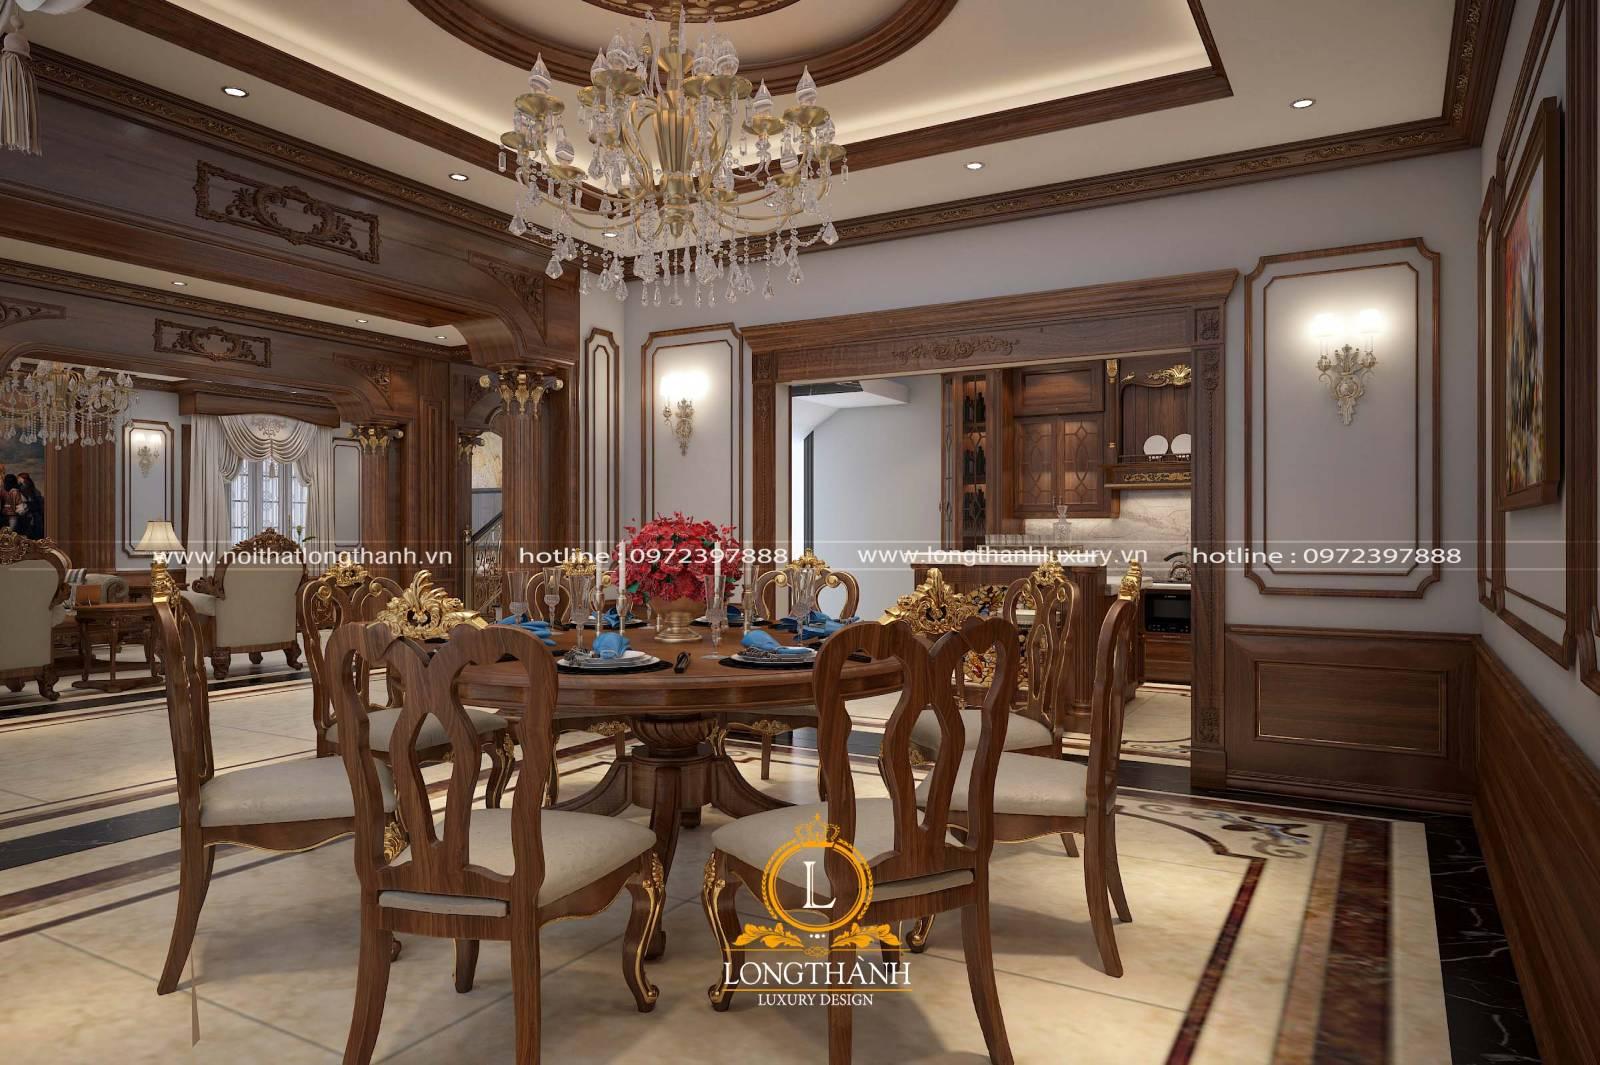 Thiết kế bàn ăn gỗ Sồi màu sắc ấm cúng với nhiều họa tiết cầu kỳ tinh tế